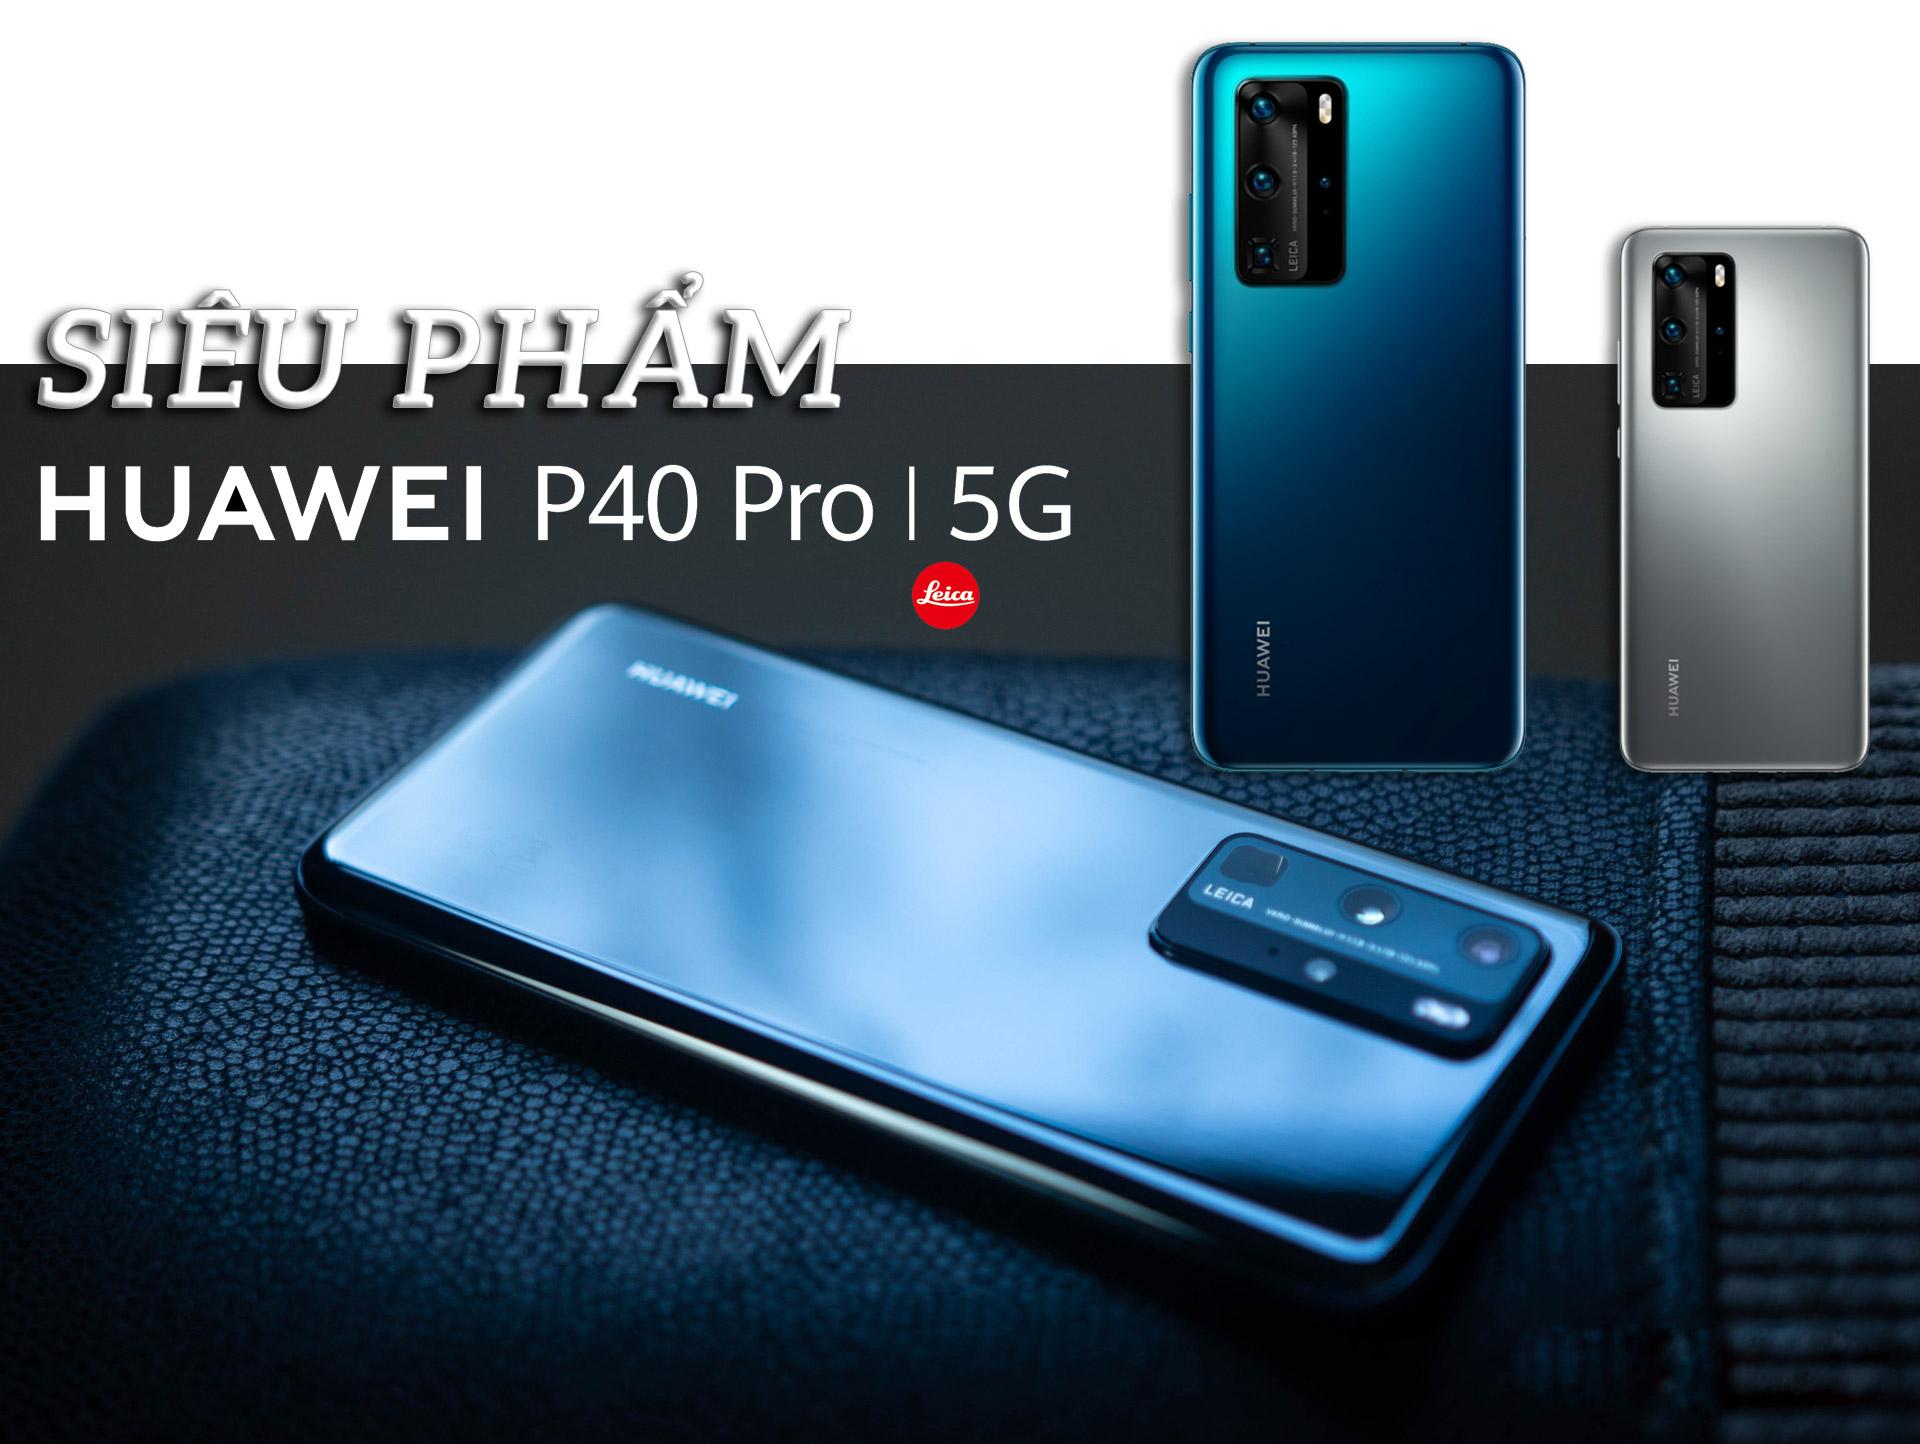 Huawei P40 Pro: Siêu phẩm camera phone đón đầu kỷ nguyên 5G - 10